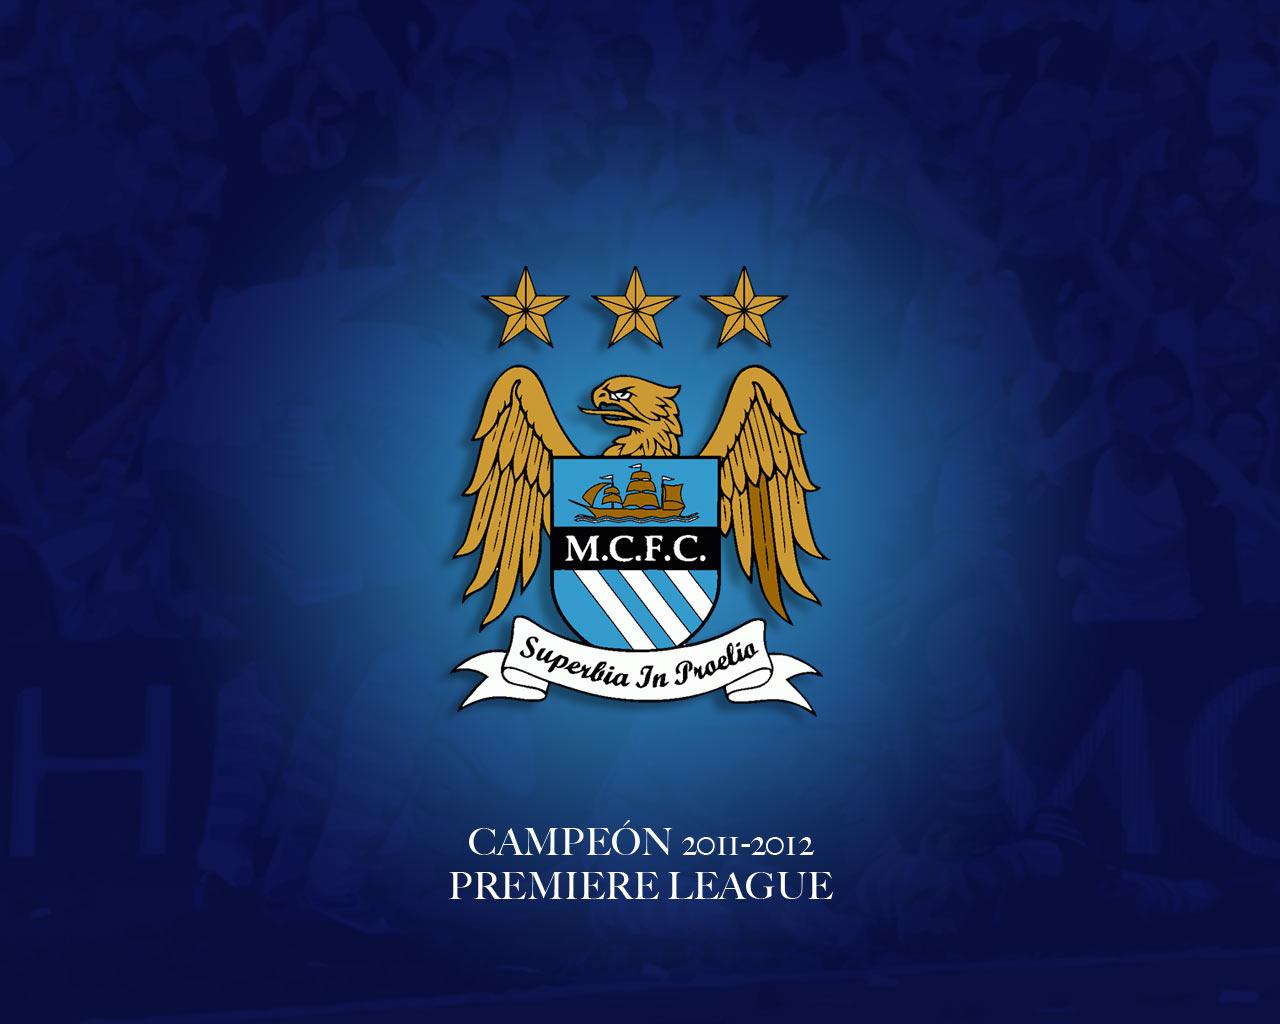 Manchester City Blue Wallpaper Desktop 11506 Wallpaper Cool 1280x1024